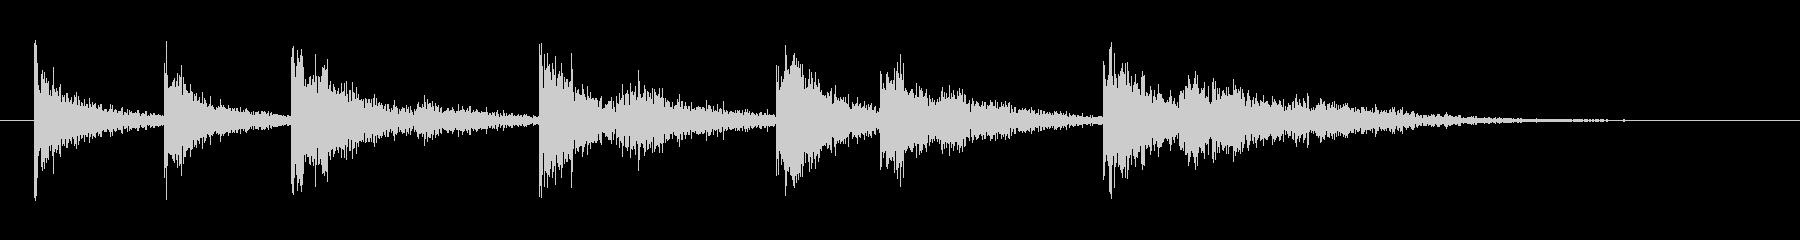 カランカラン(空き缶の転がる音)の未再生の波形